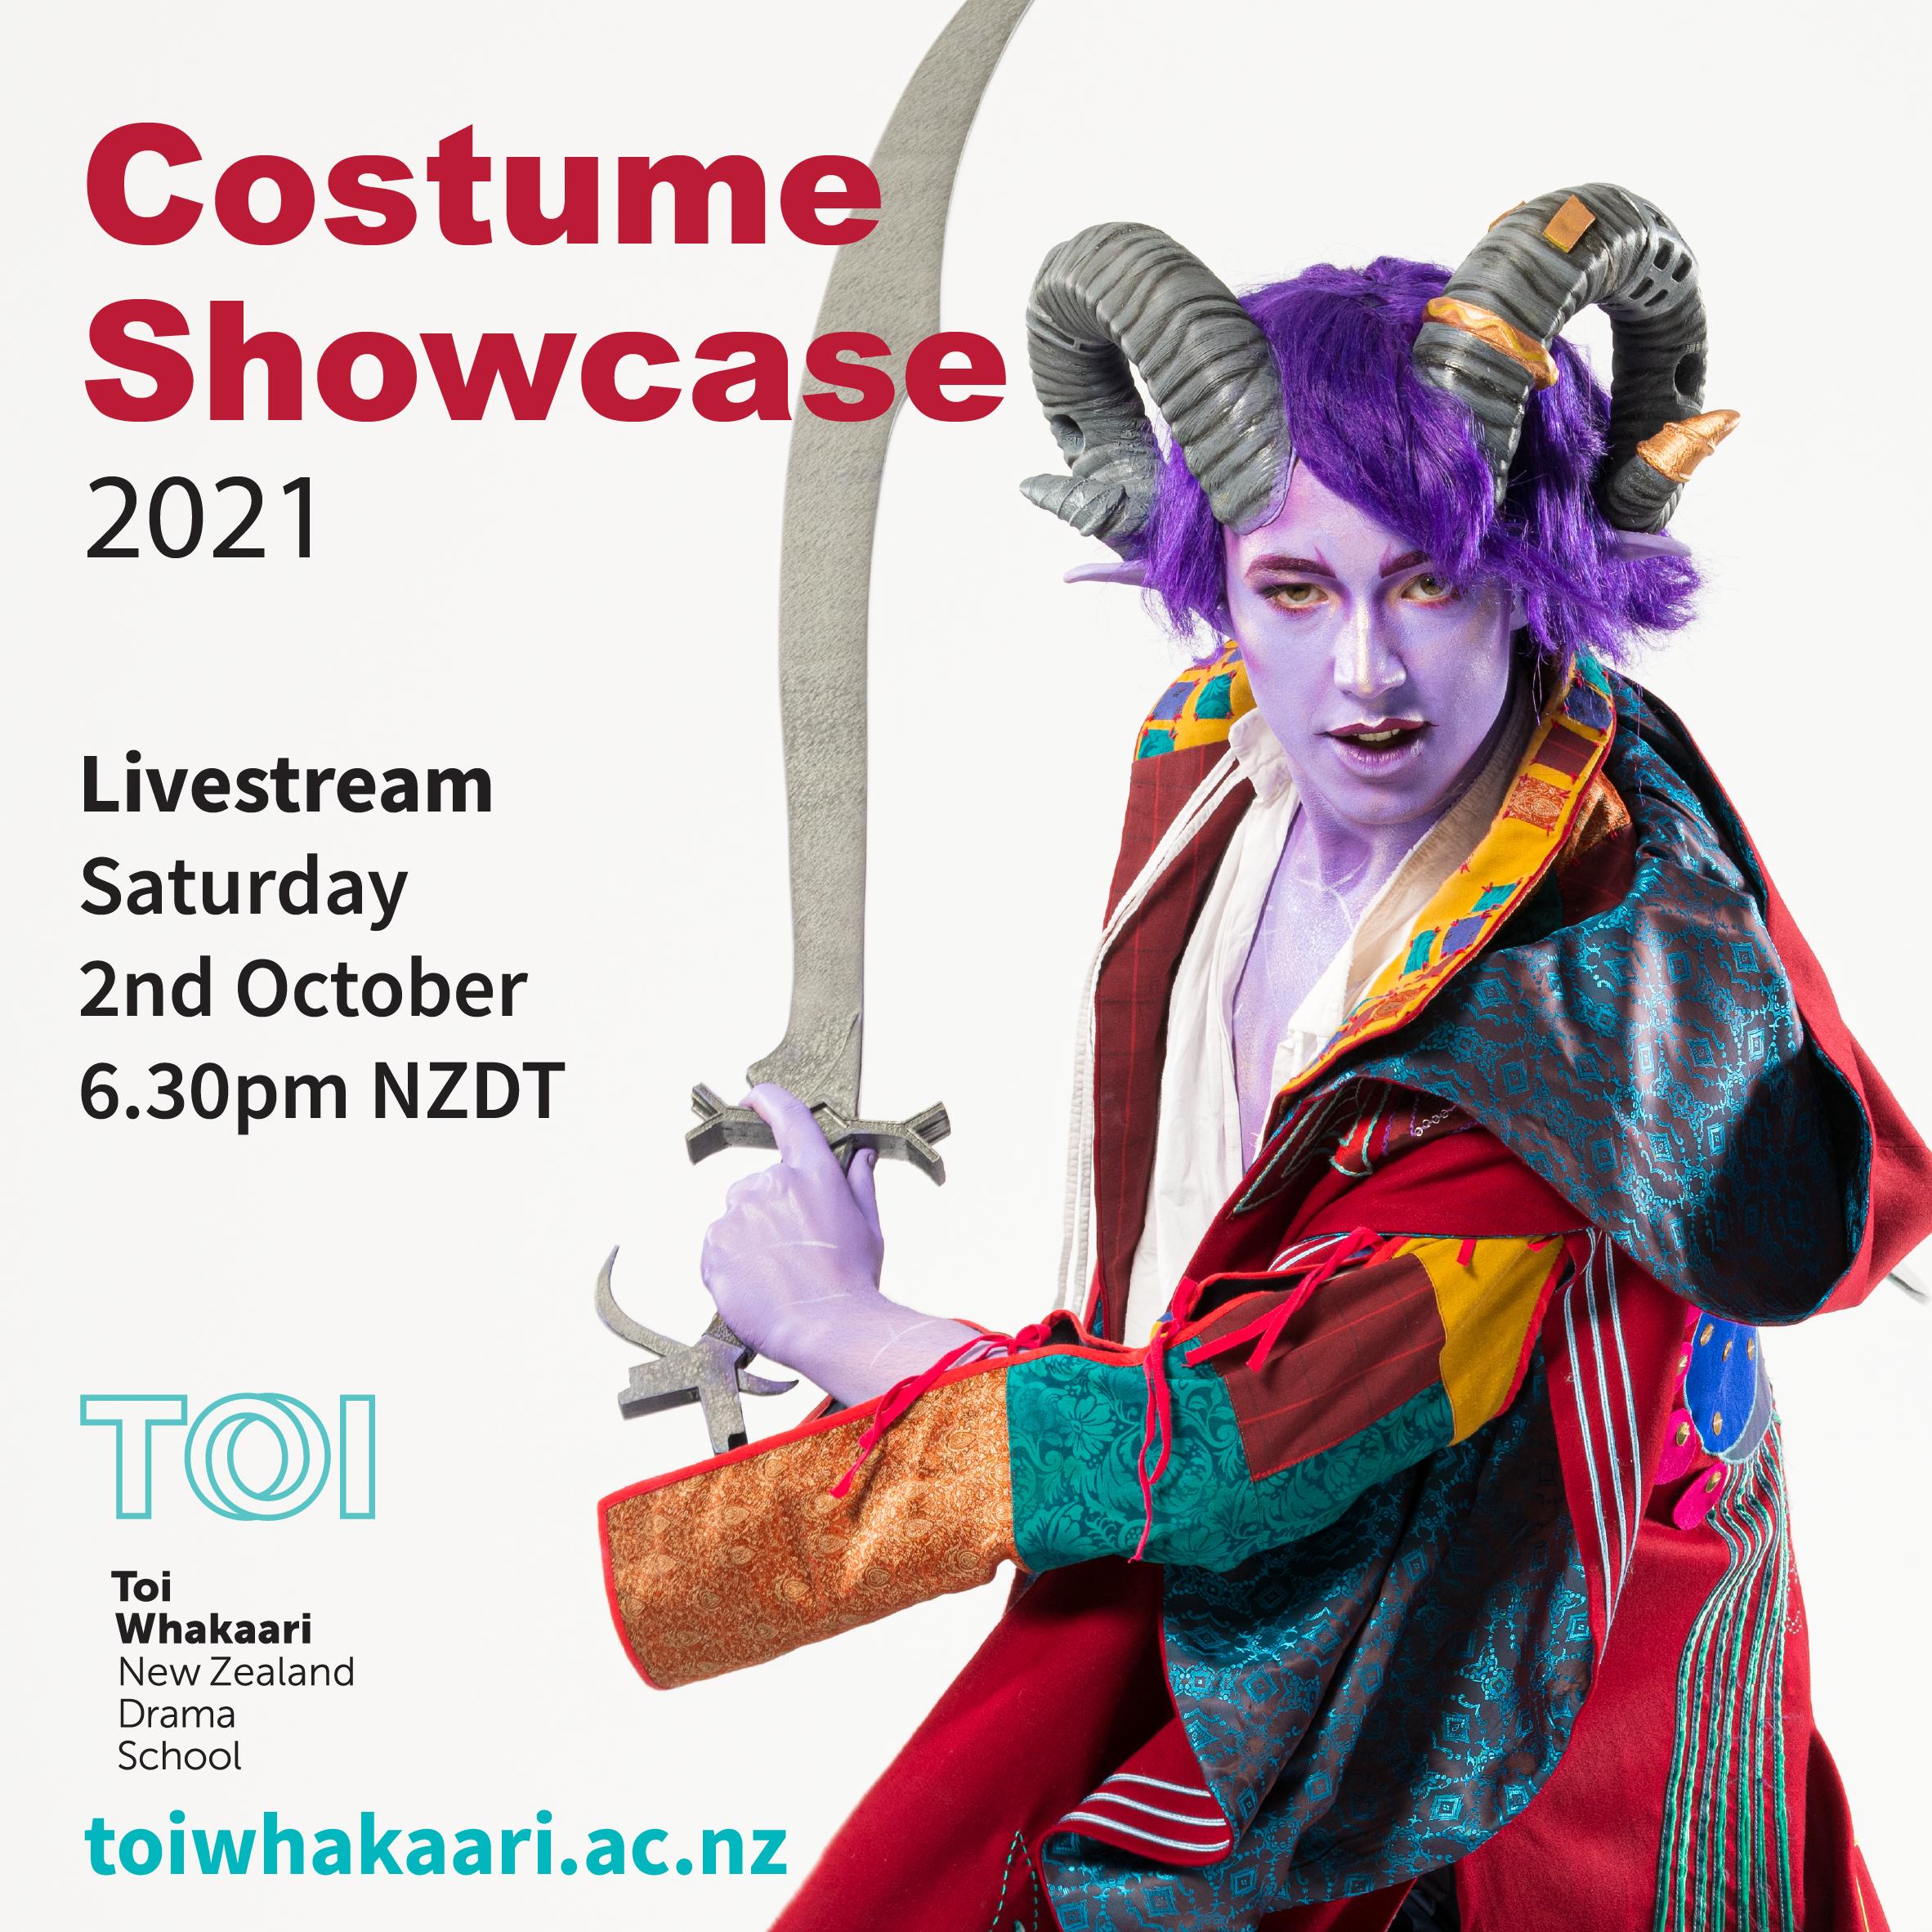 Toi Whakaari Costume Showcase 2021 thedreamstress.com